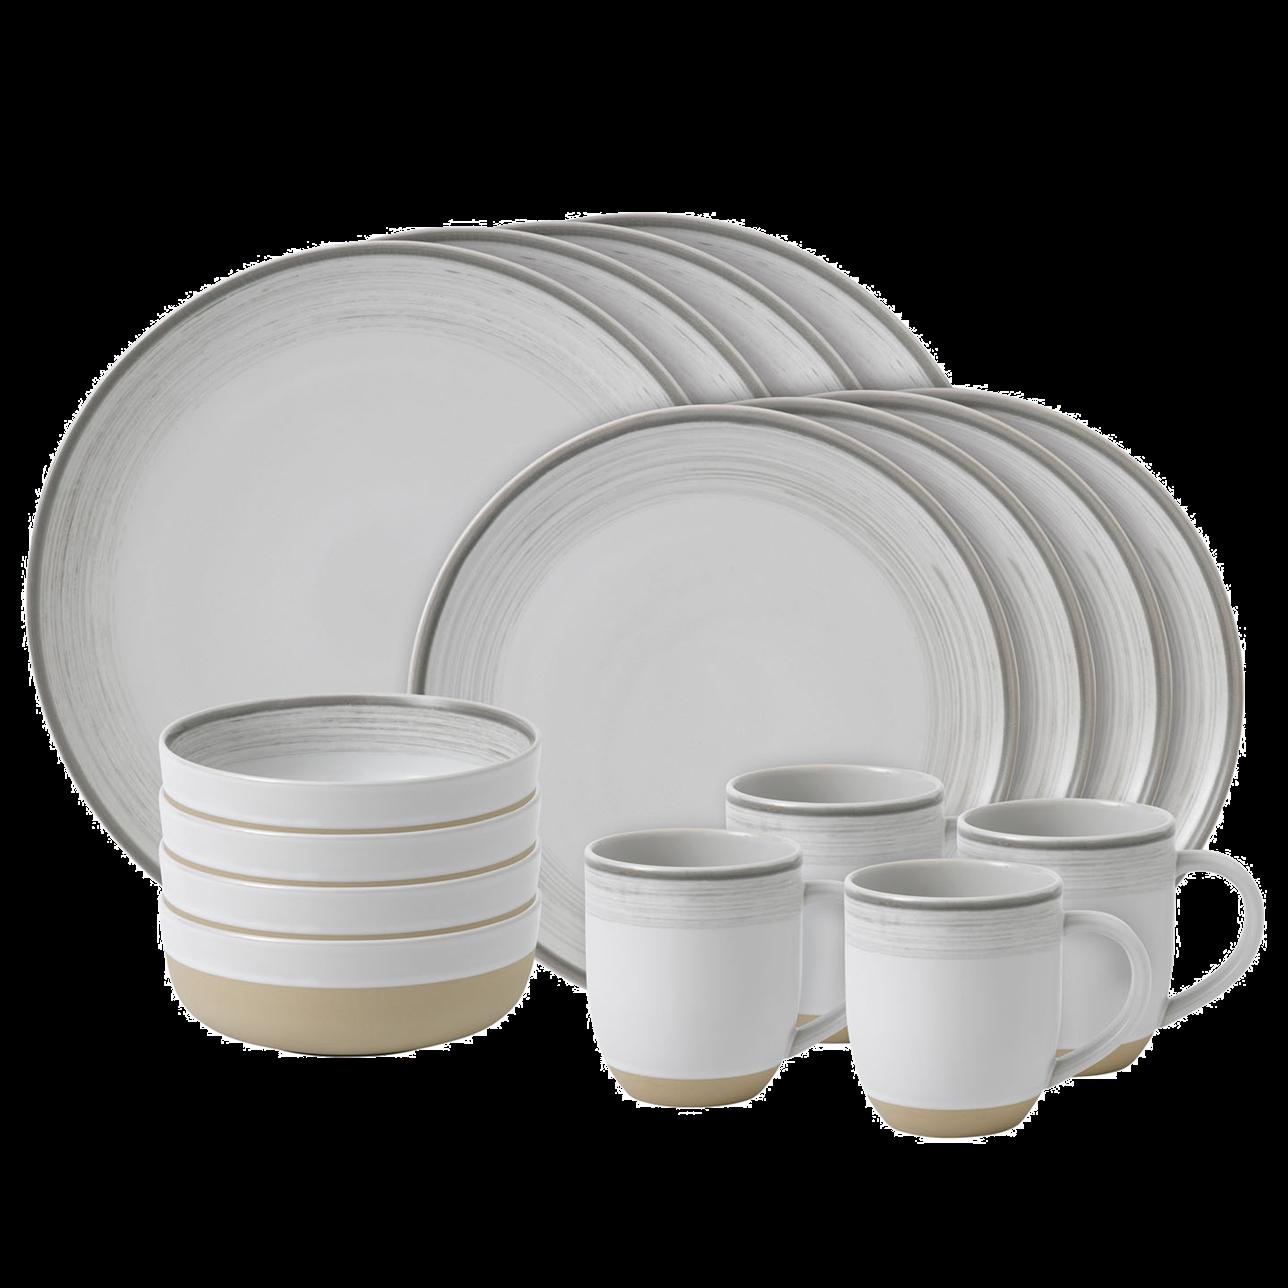 ED Brushed Glaze Soft White 16 Piece Dinner Set